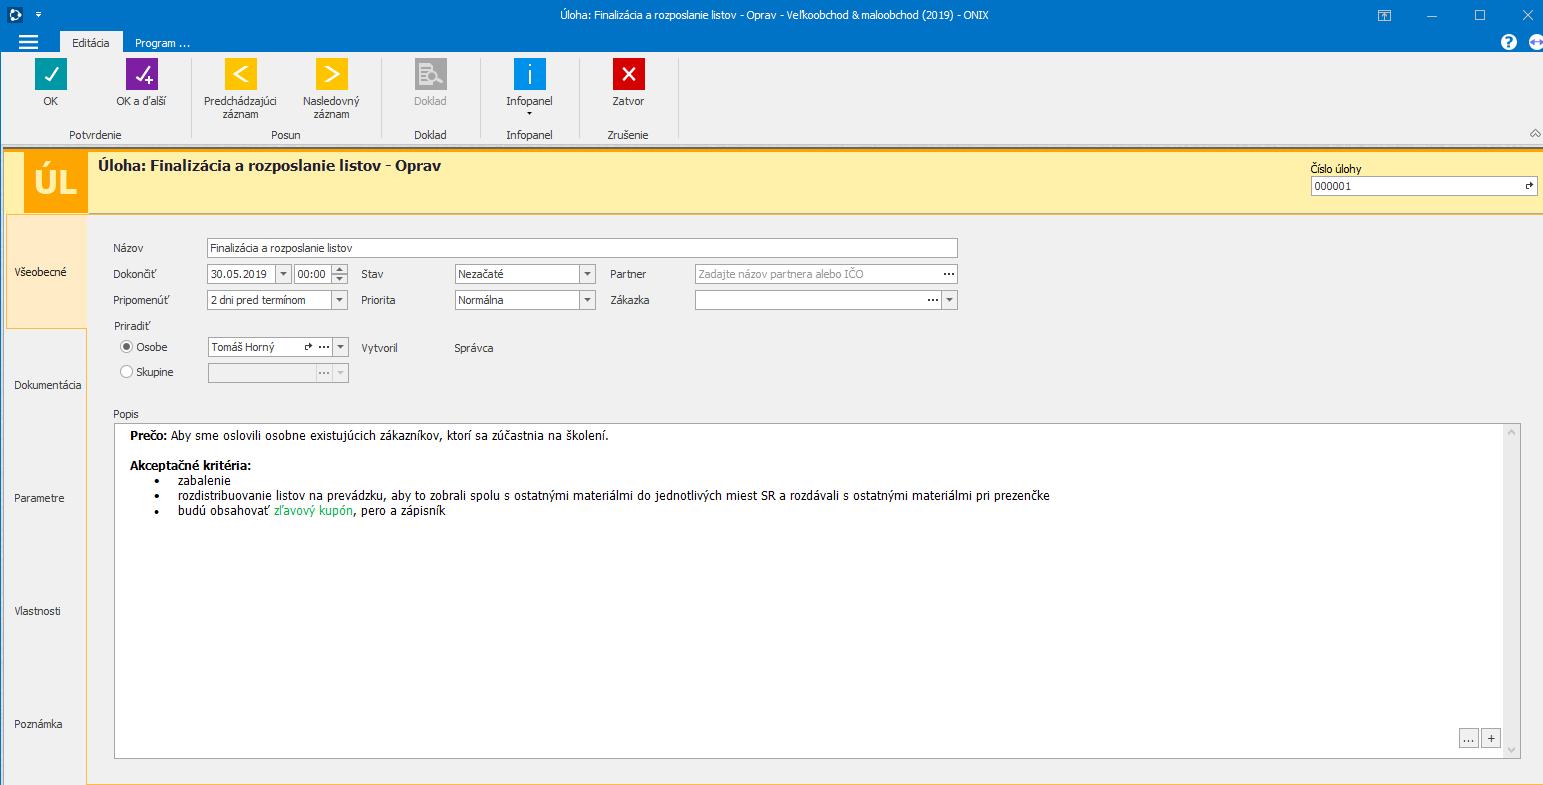 Všetky informácie o úlohe aj s možnosťou formátovať text či uviesť prílohu